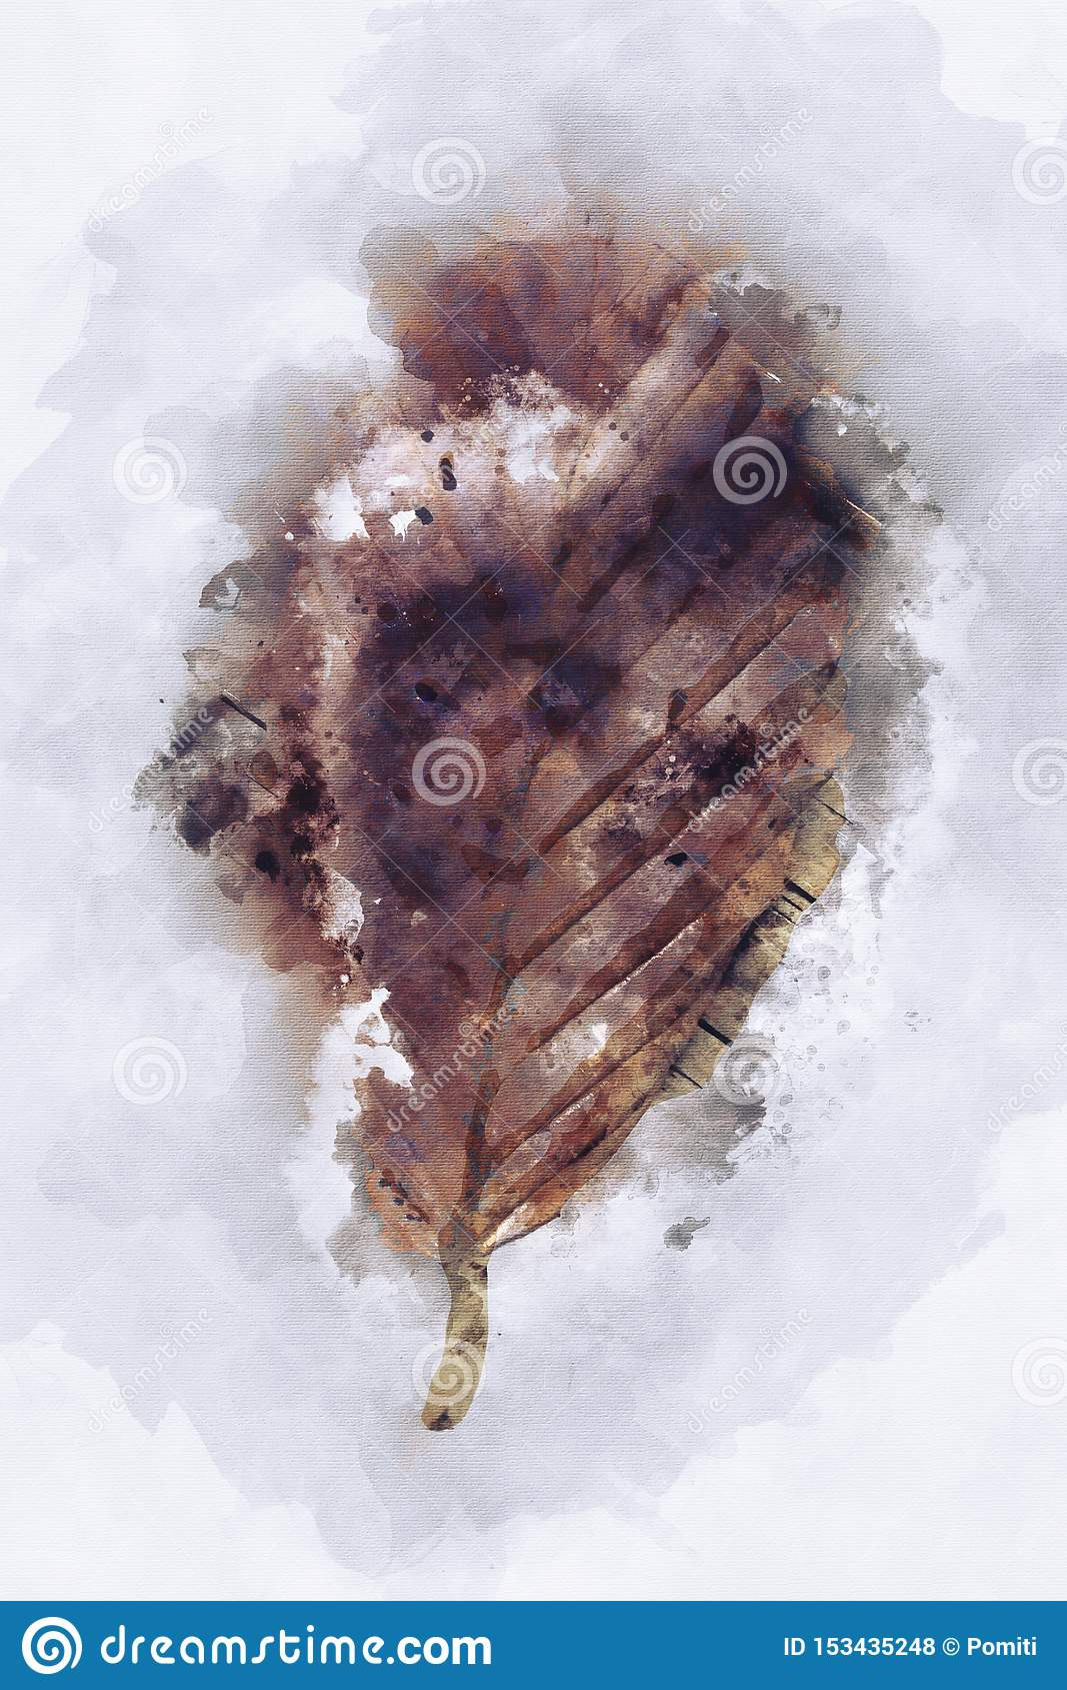 Peinture Abstraite D'aquarelle De Feuille Sèche Dans Le Ton Brun  Illustration Stock - Illustration du peinture, aquarelle: 153435248